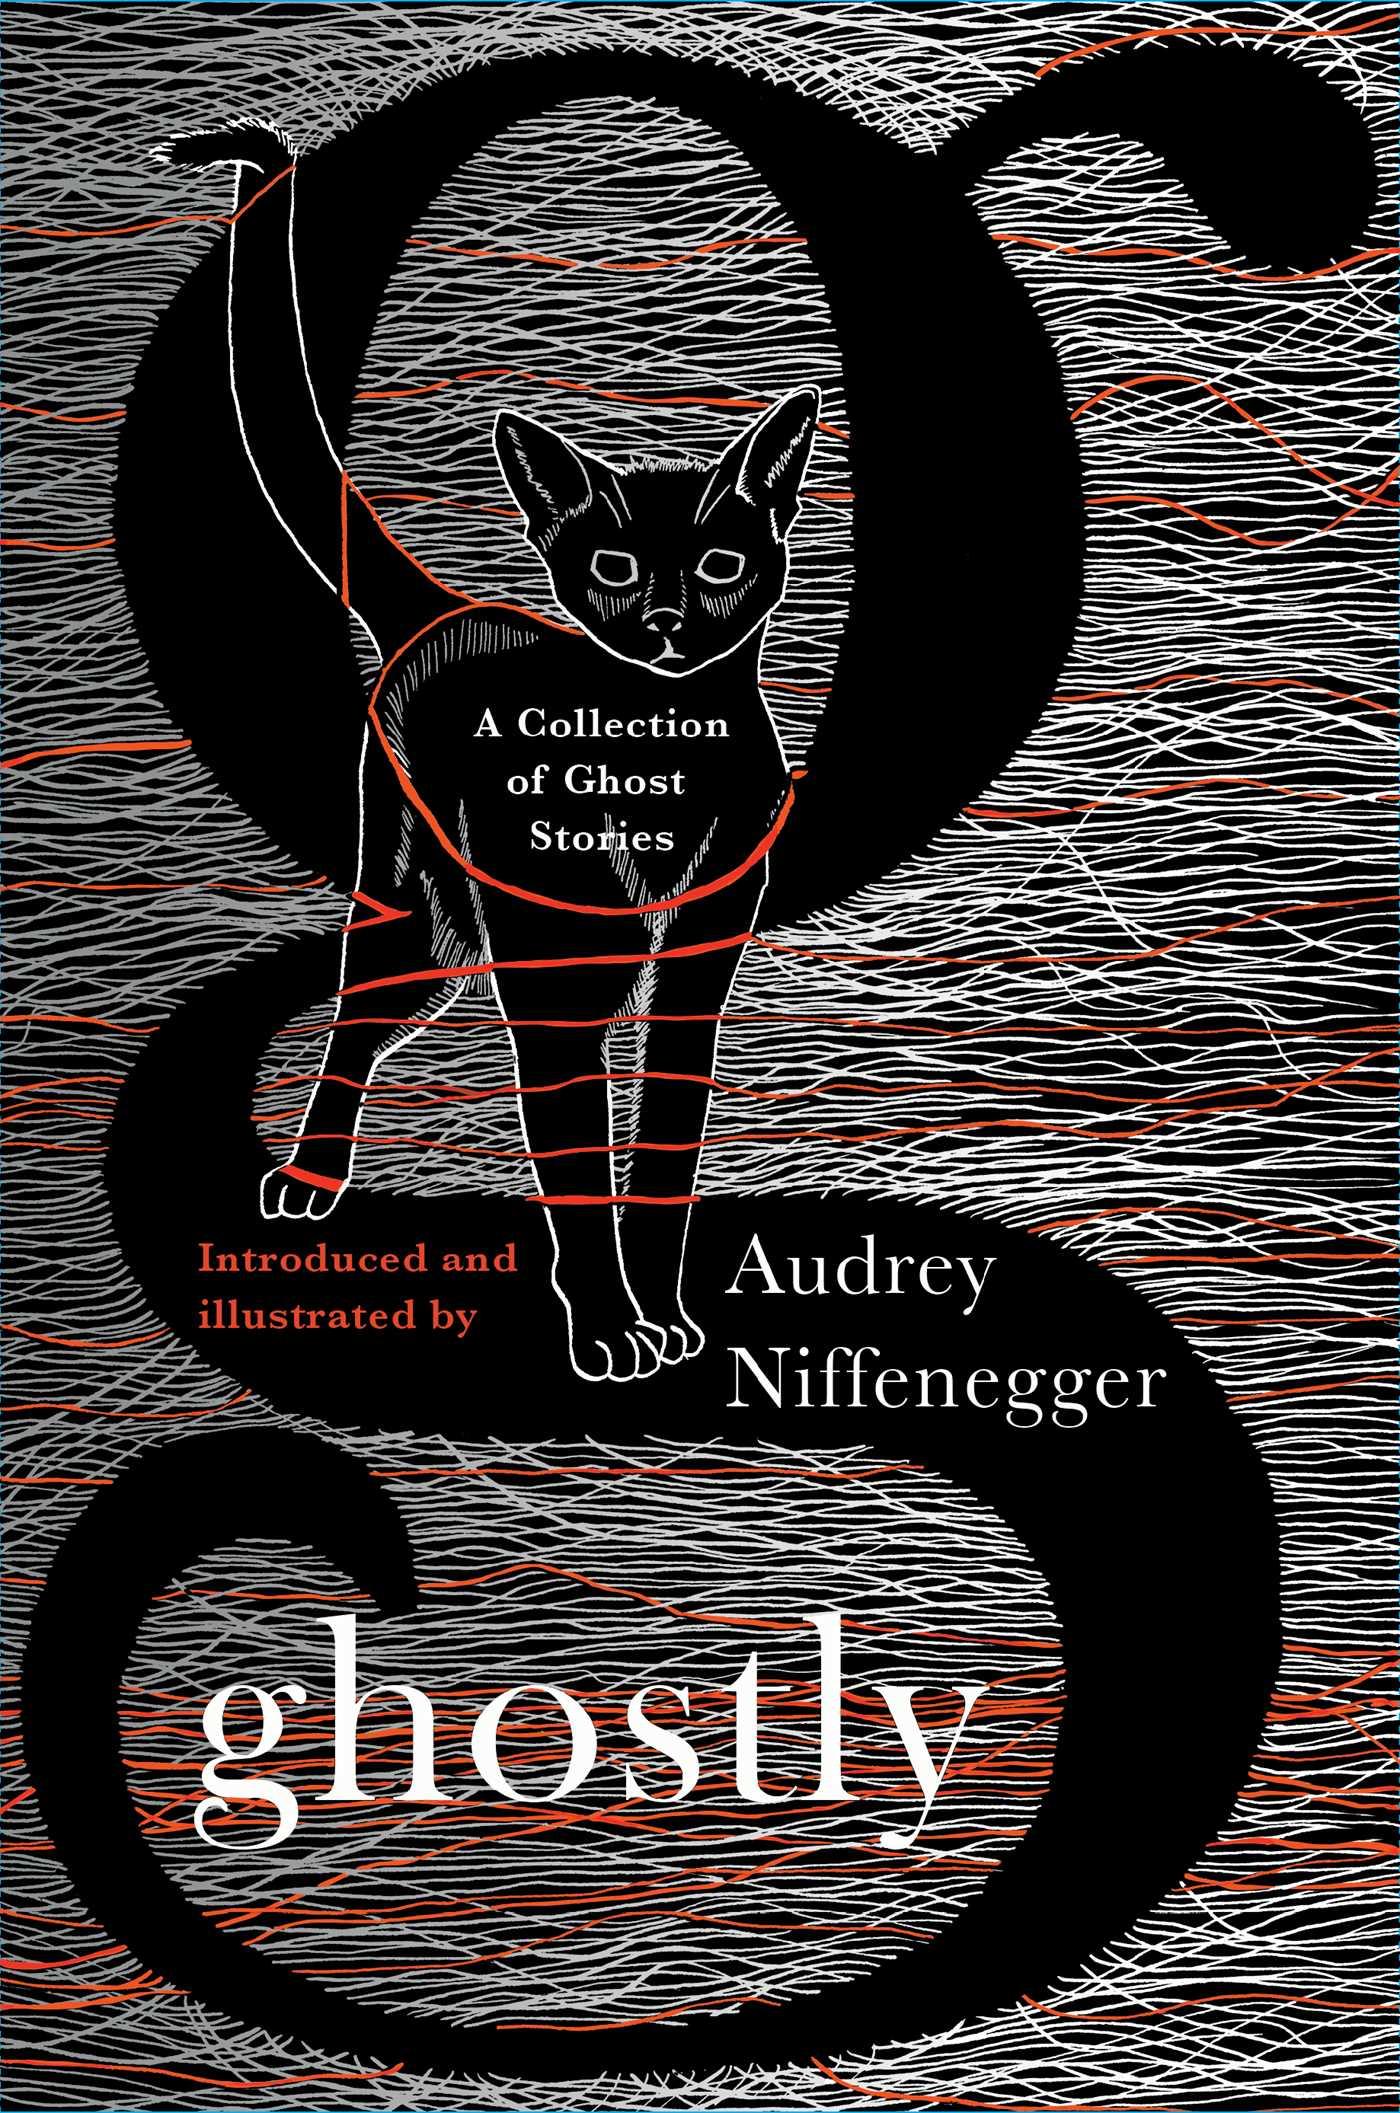 ghostly-9781501111198_hr.jpg